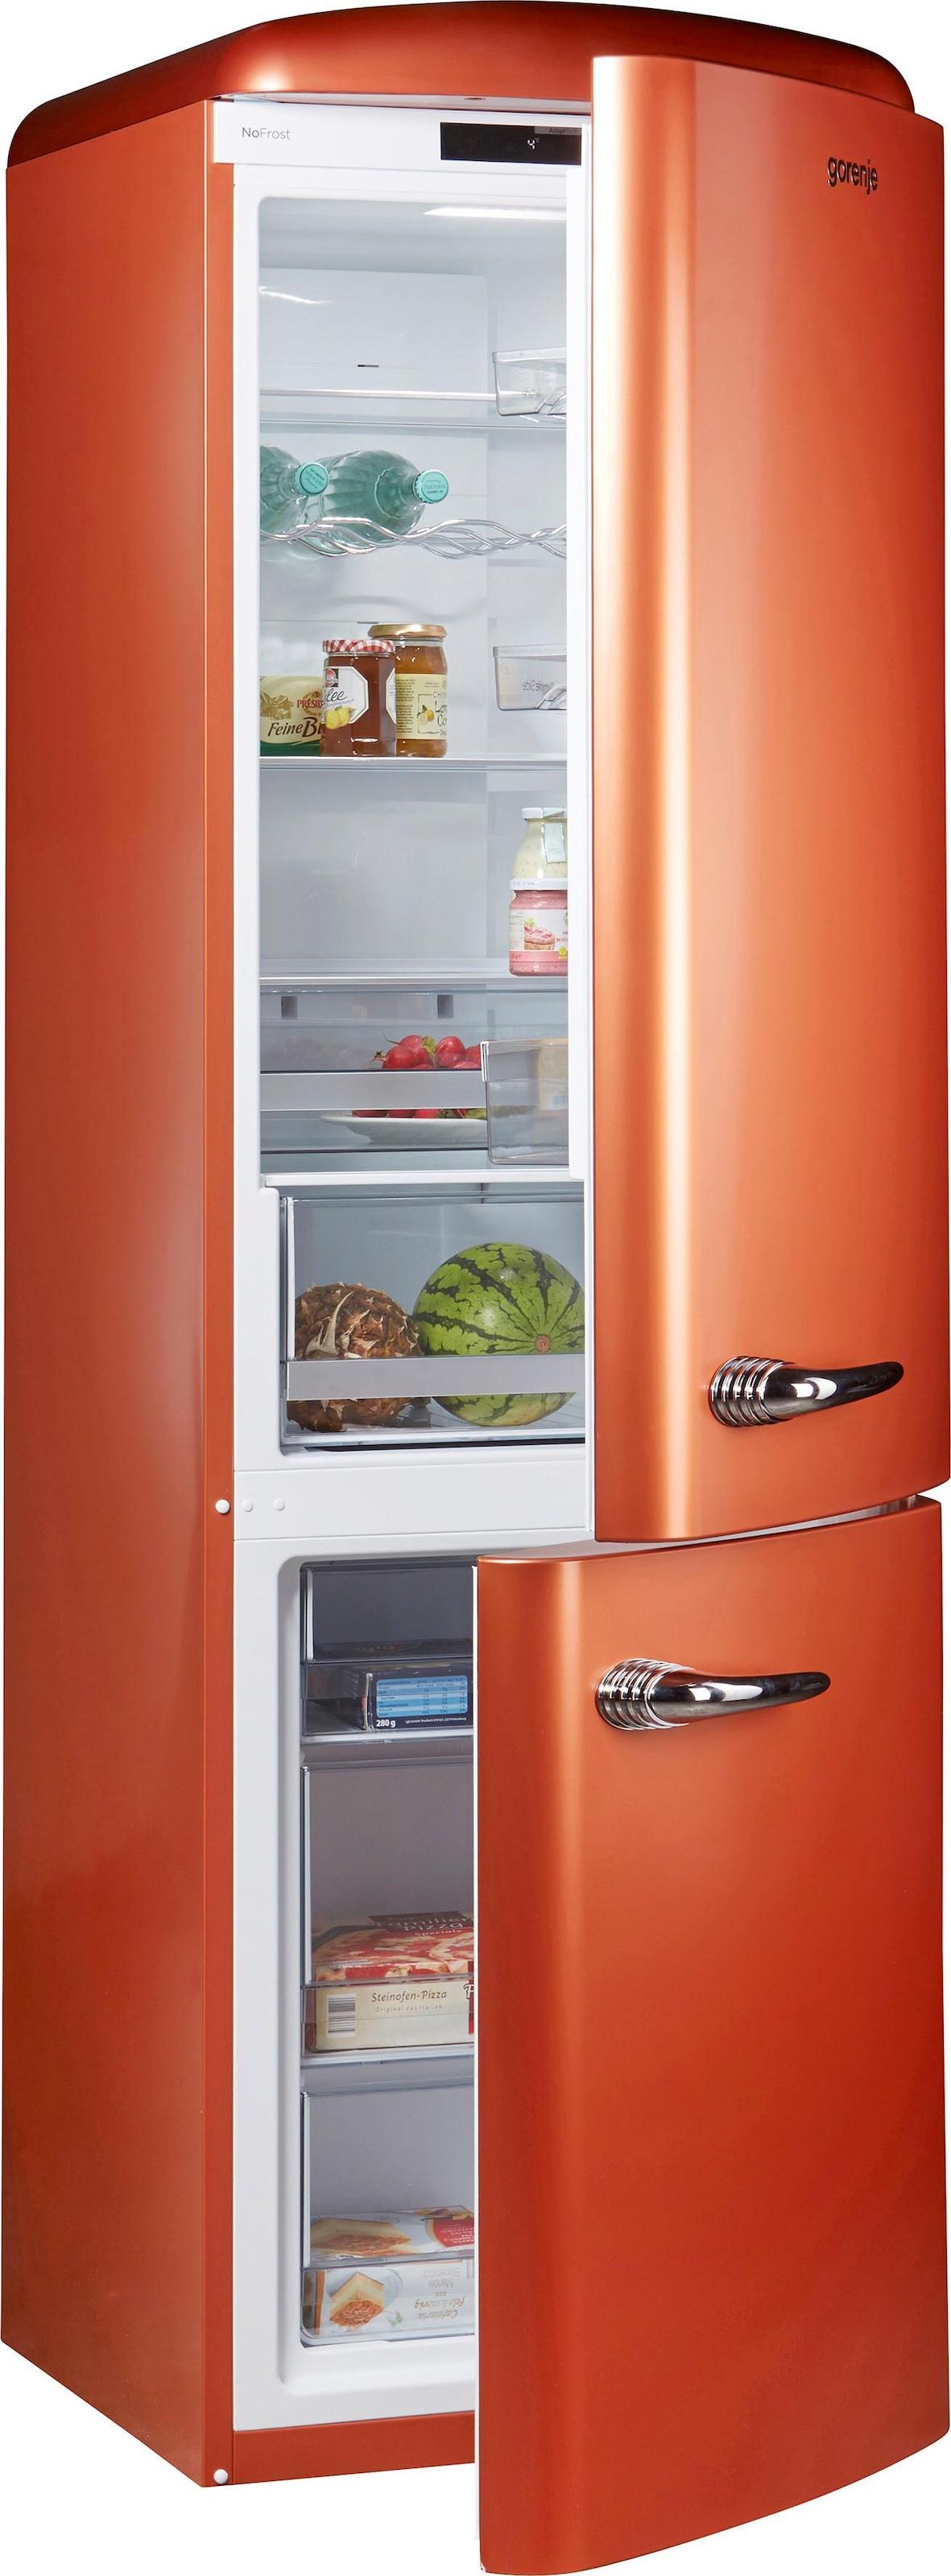 Amica Retro Design Kühlschrank : Retro kühlschränke auf rechnung raten kaufen baur